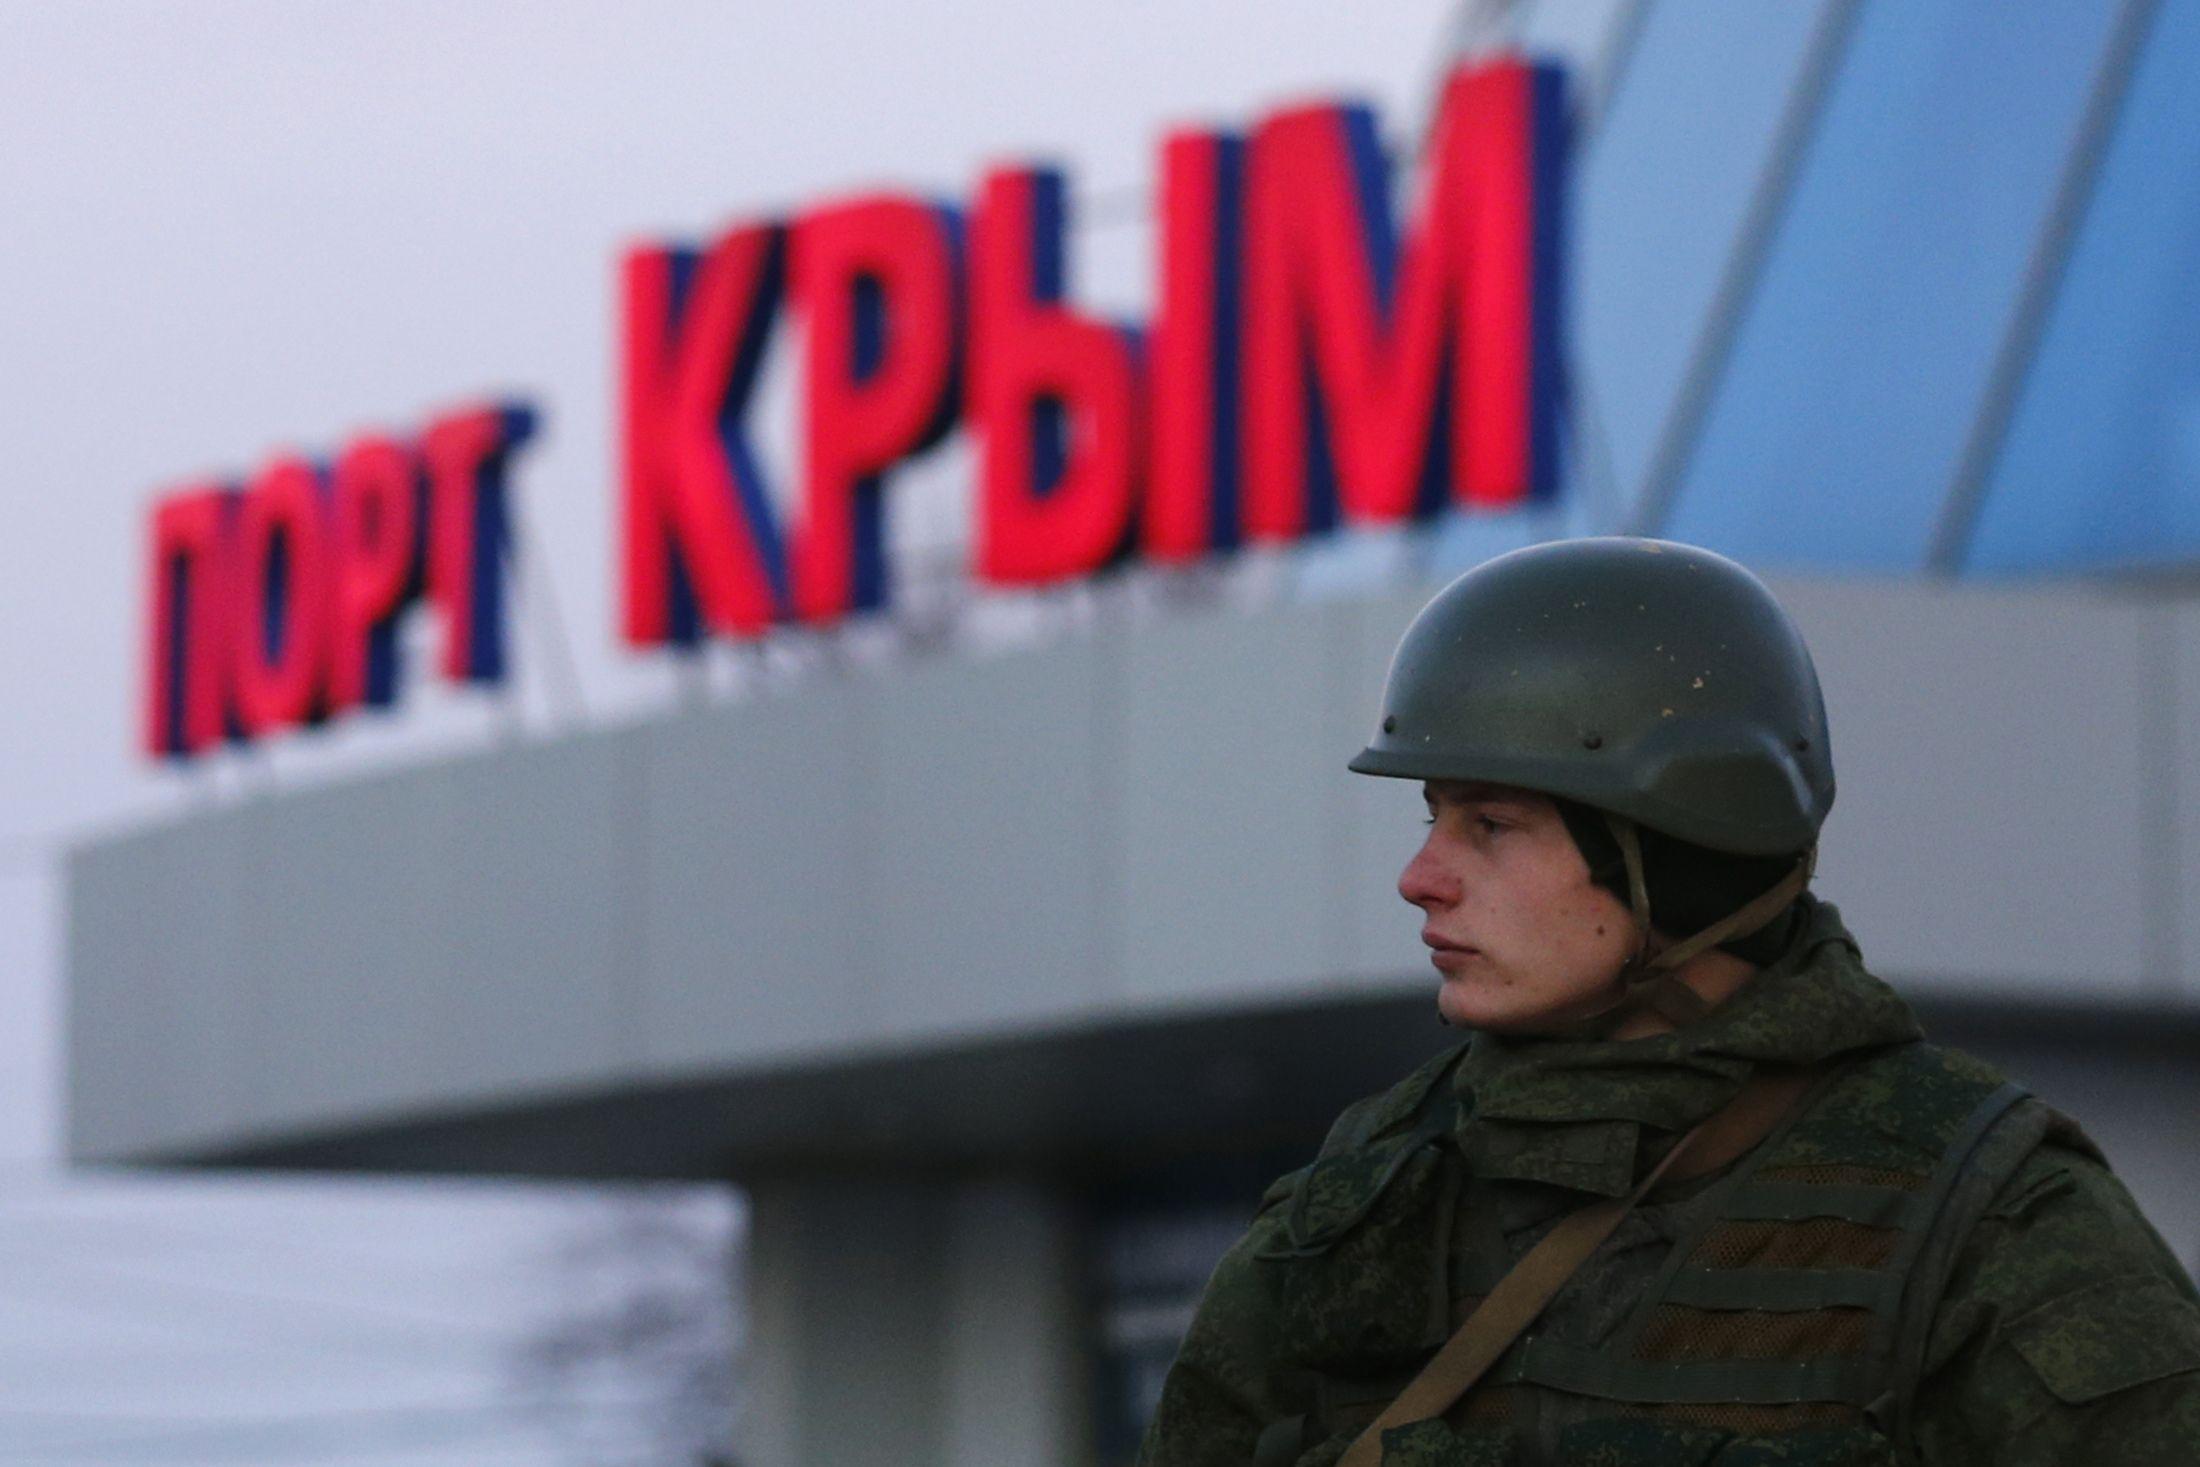 Крым — популярная тема, на которой в России еще долго будут играть